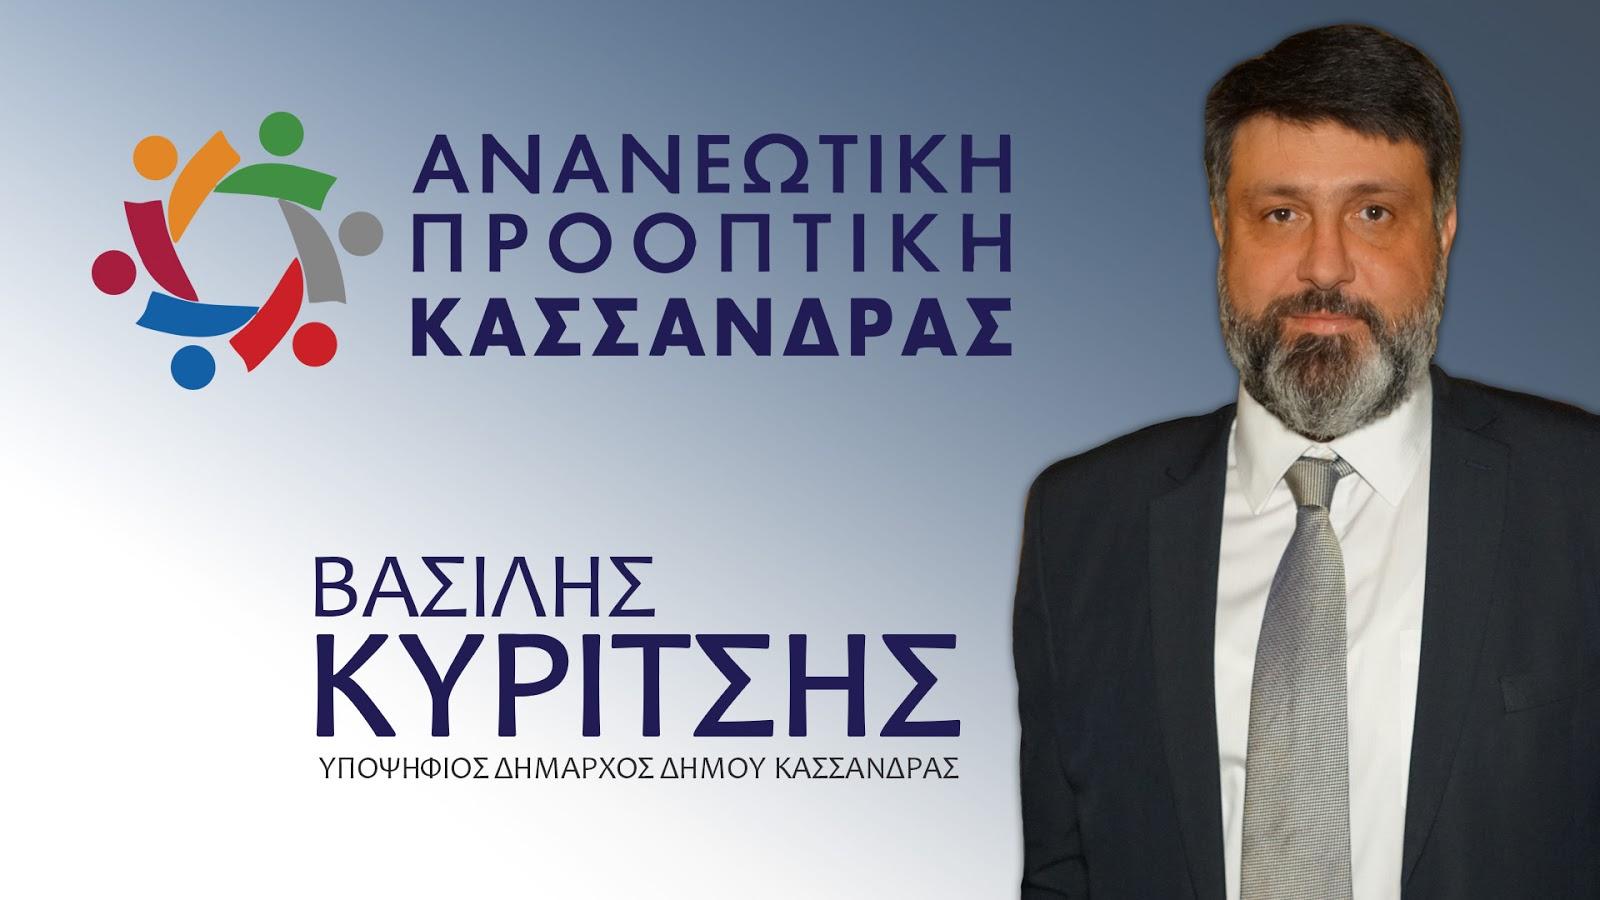 Ανακοίνωση υποψηφιότητας του Βασιλείου Κυρίτση για τις αυτοδιοικητικές εκλογές της 26ης Μαΐου, Κασσάνδρα 2019